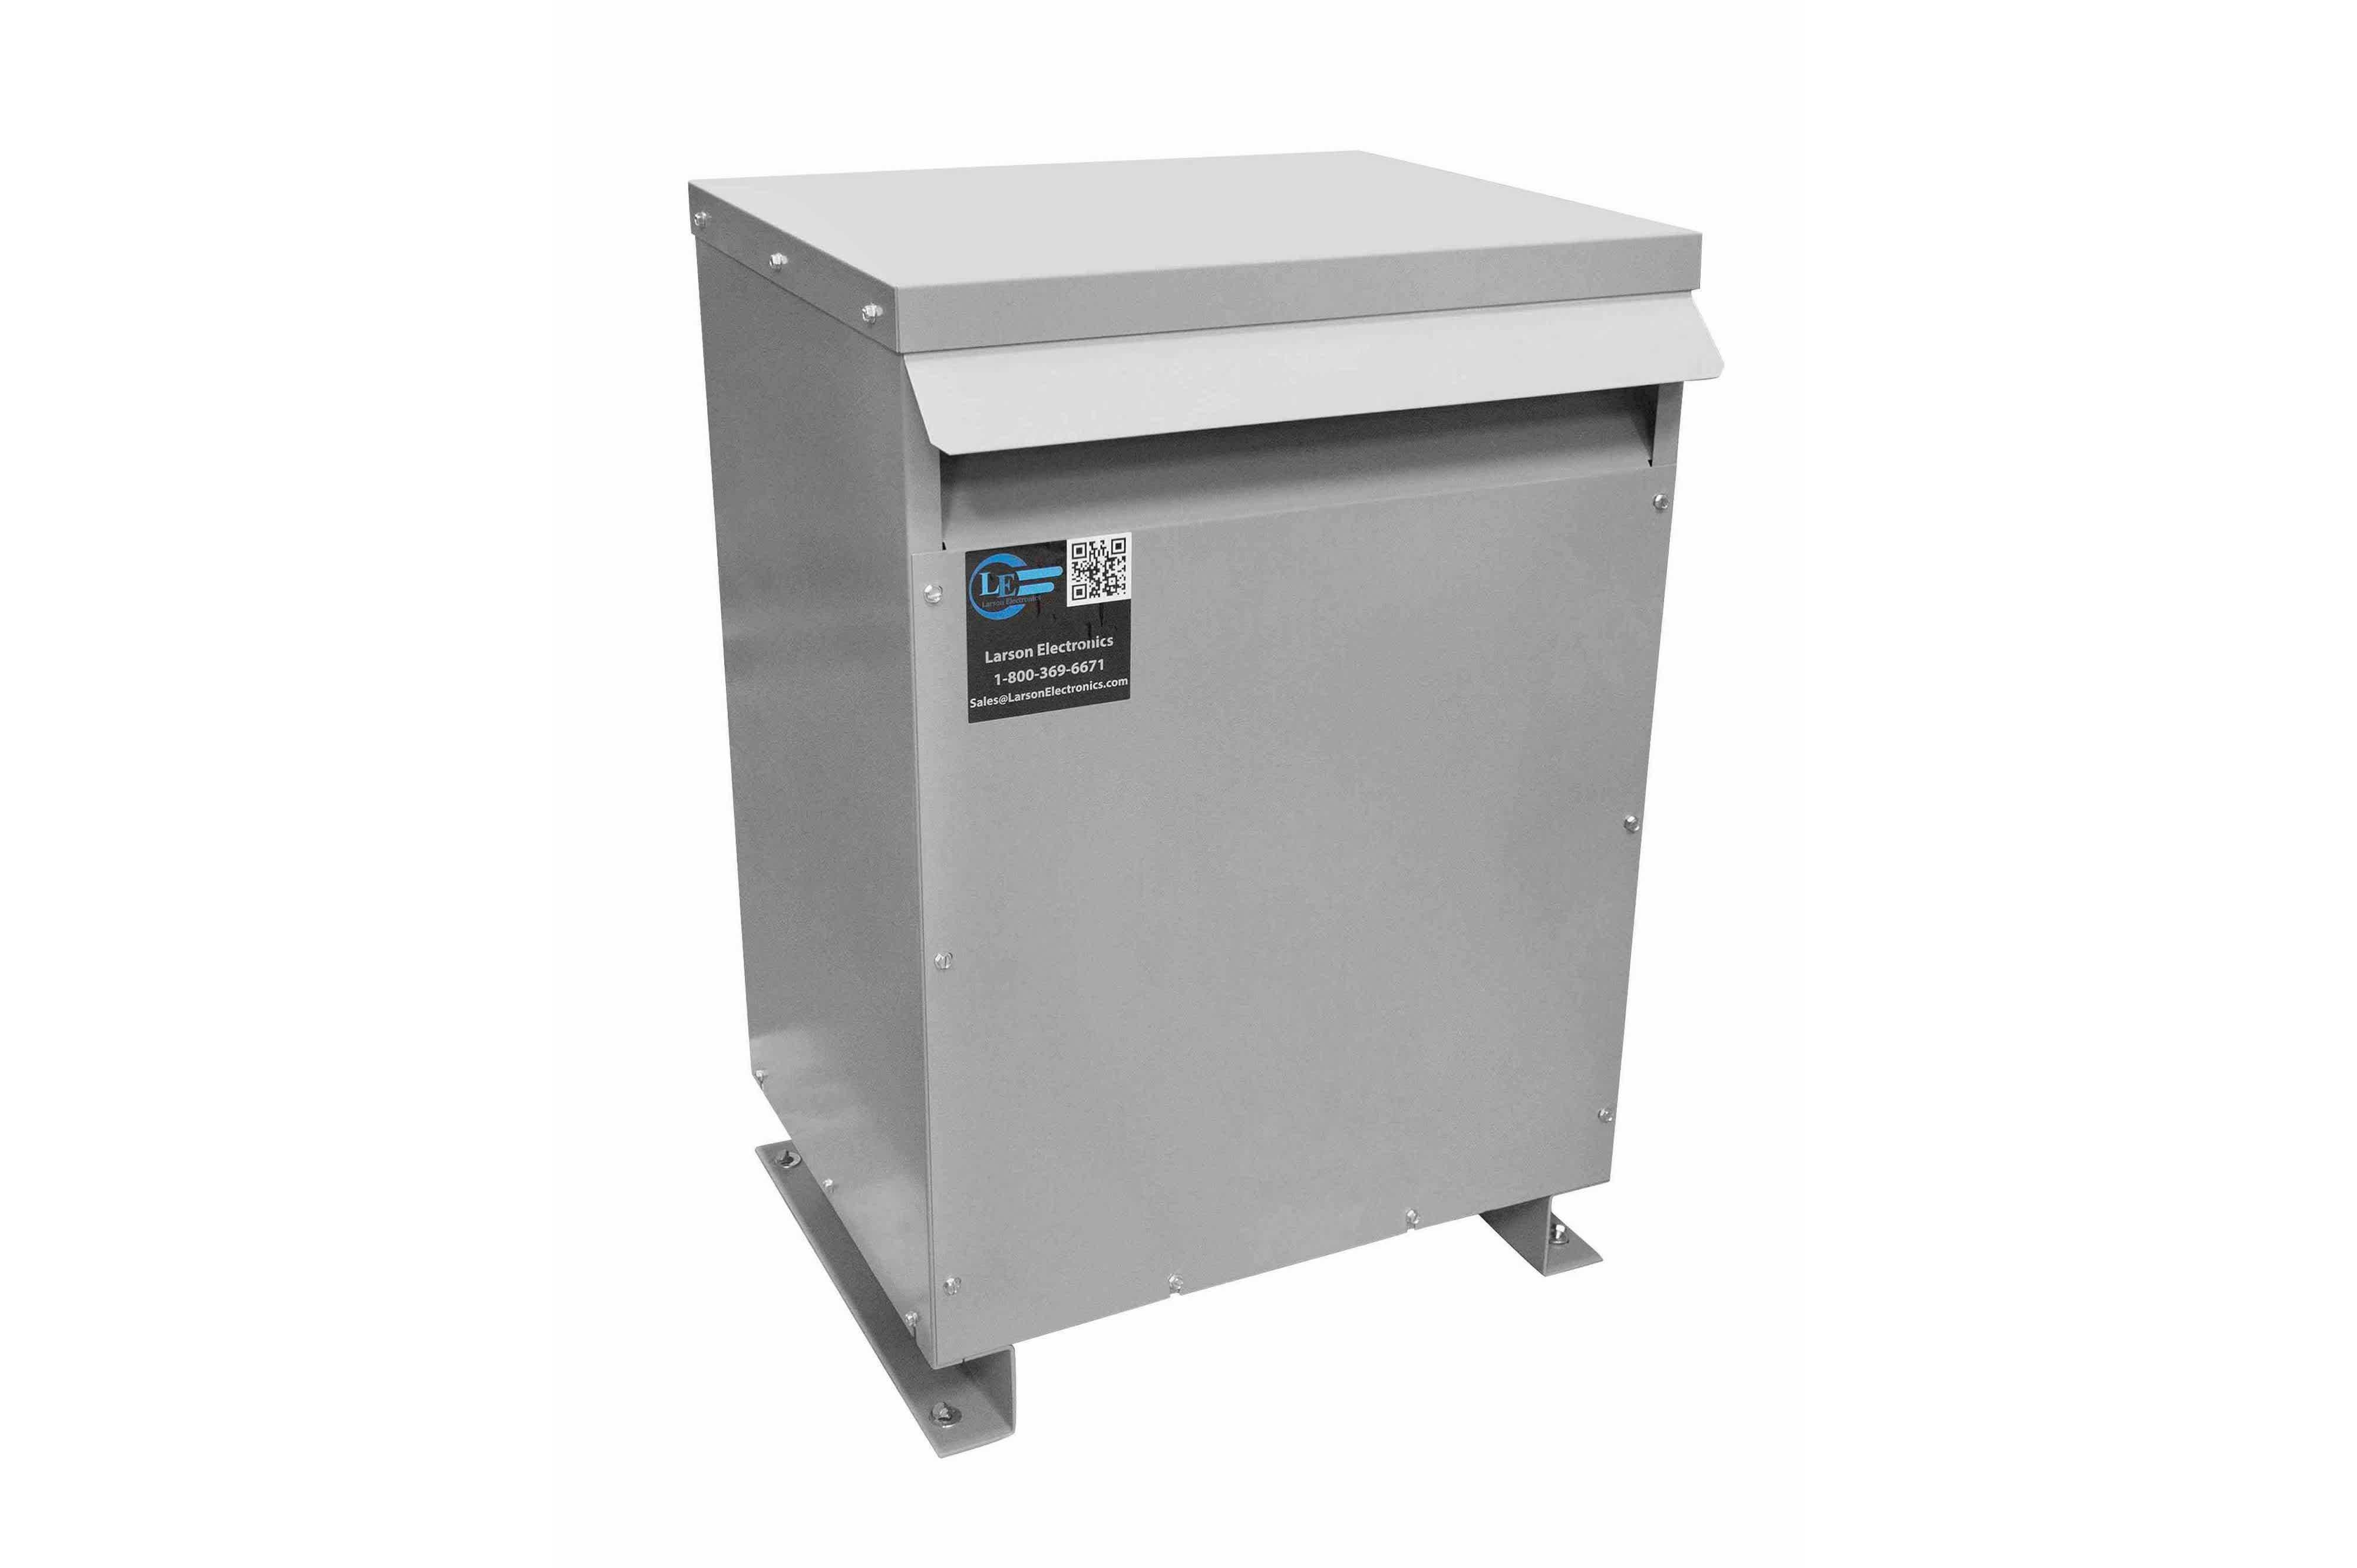 37.5 kVA 3PH Isolation Transformer, 440V Delta Primary, 208V Delta Secondary, N3R, Ventilated, 60 Hz